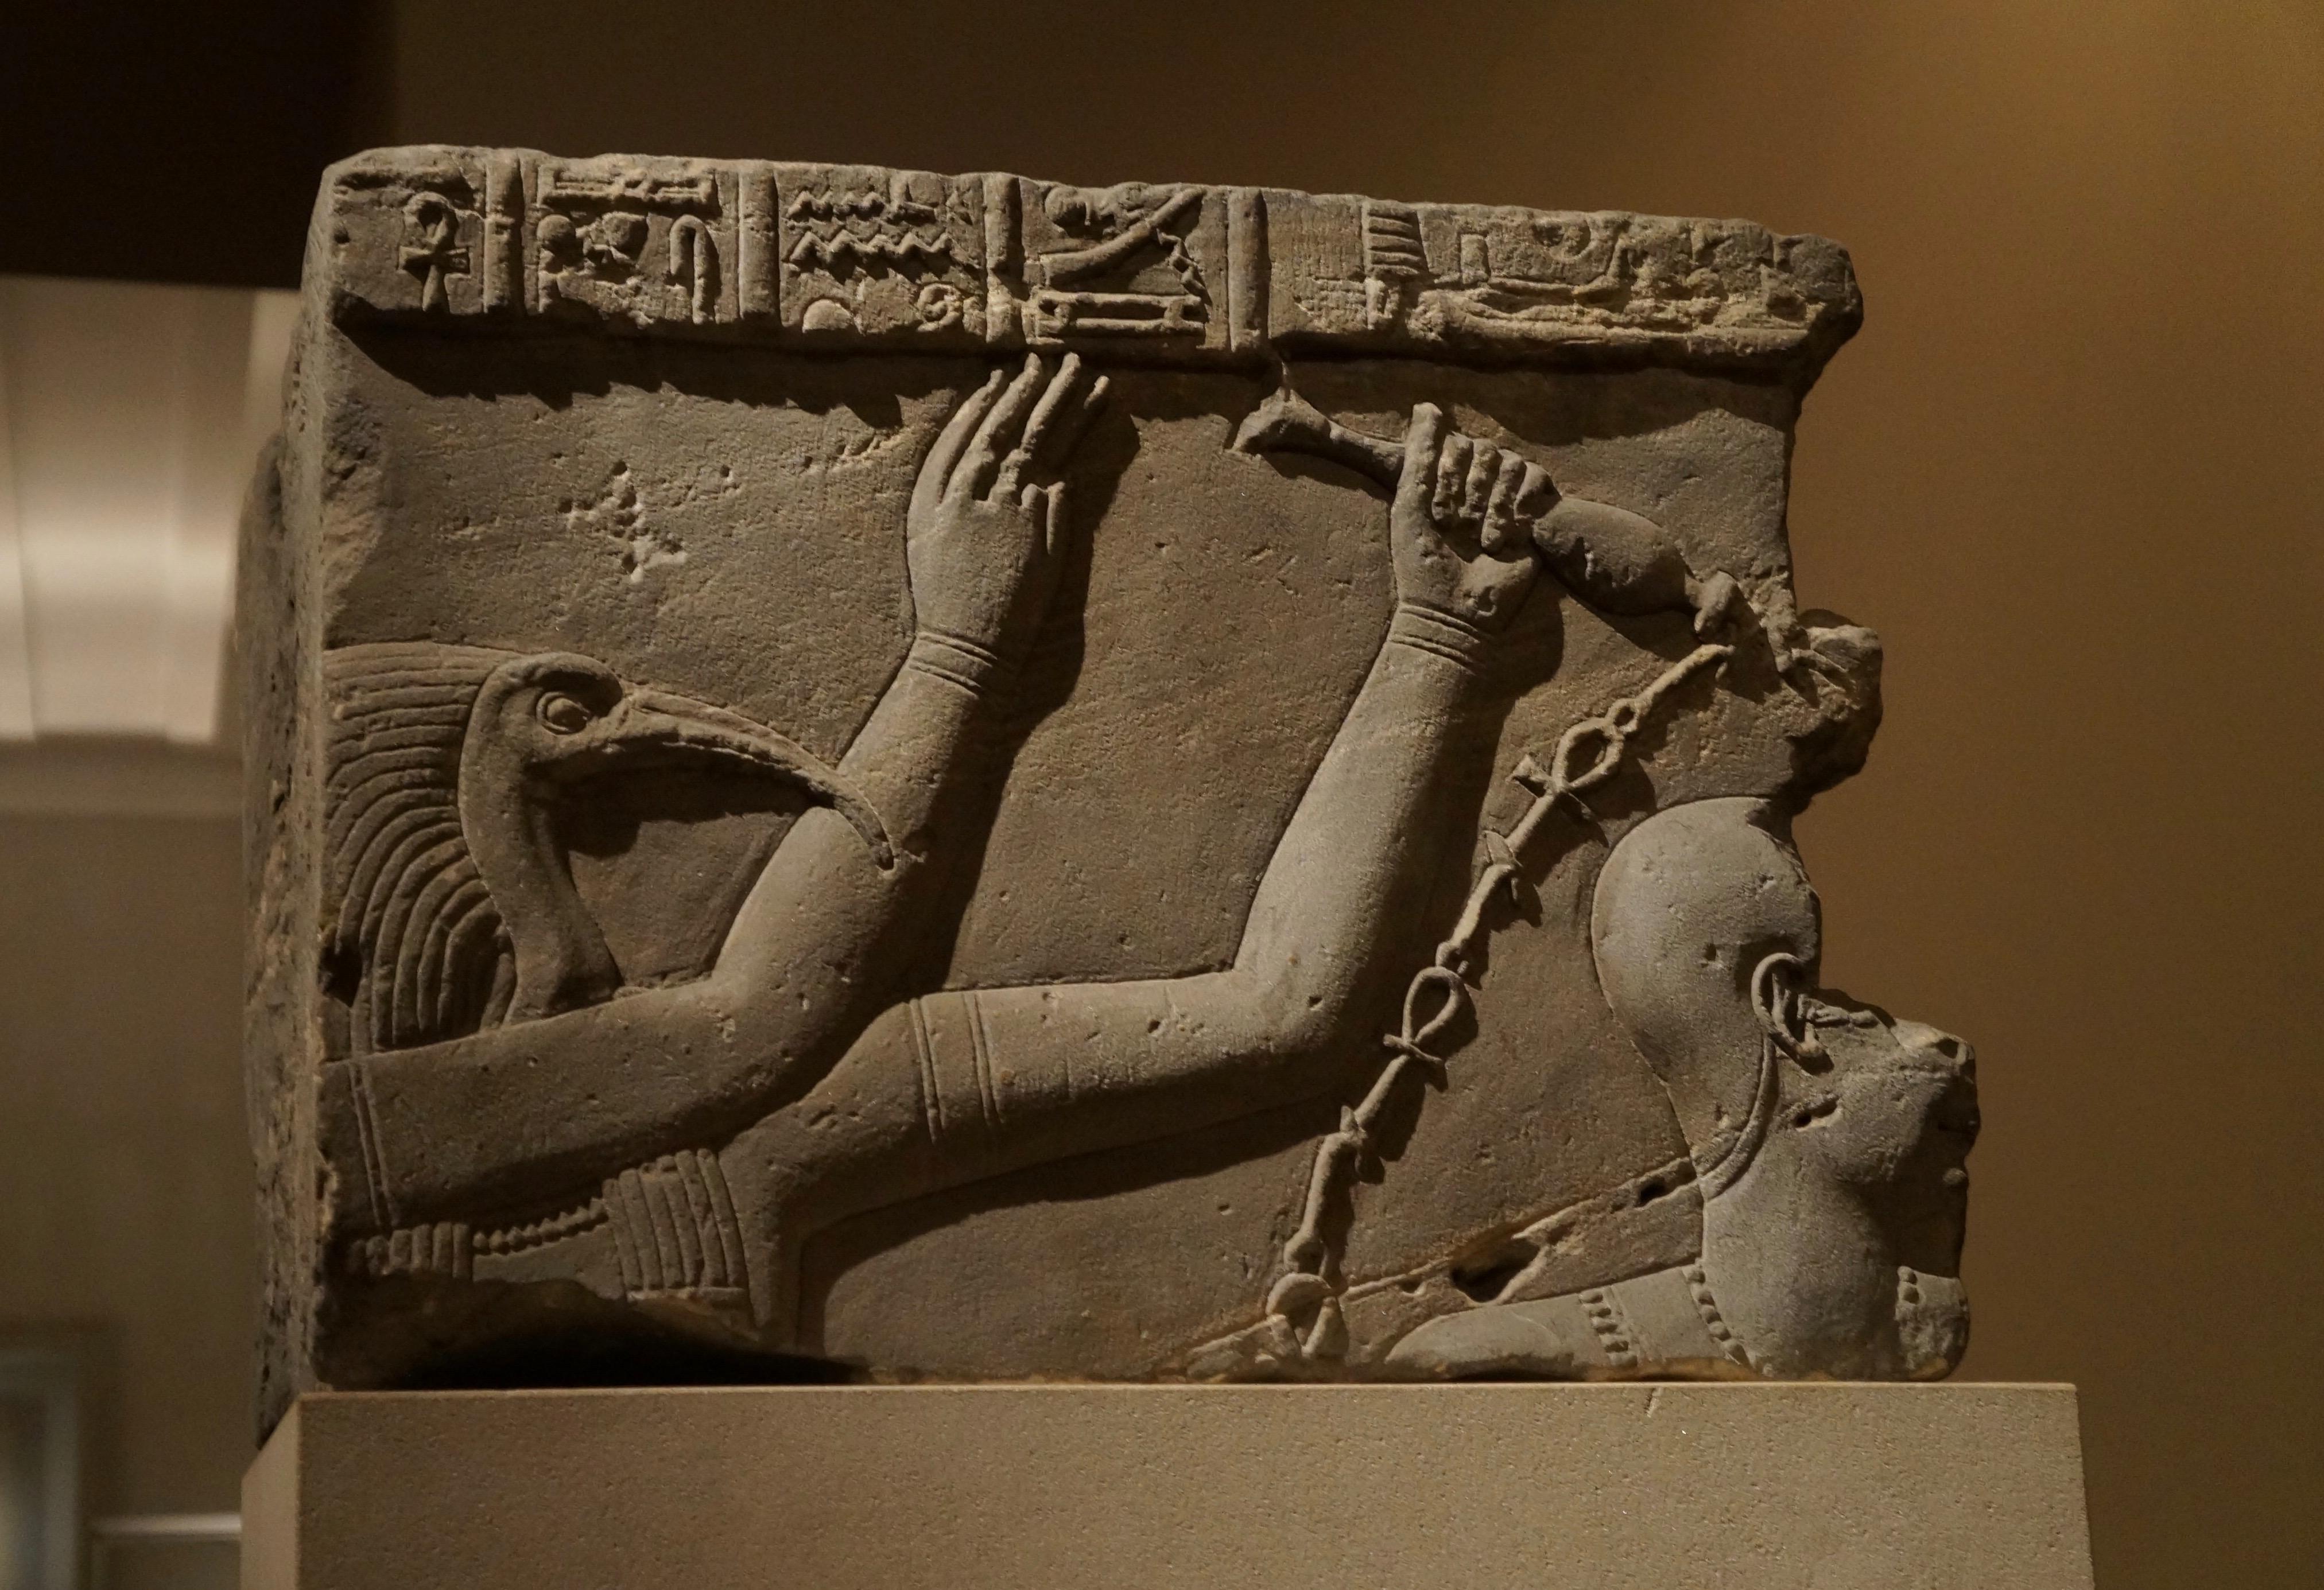 ツタンカーメンの墓と死因の謎!DNAで判明した先天的疾患